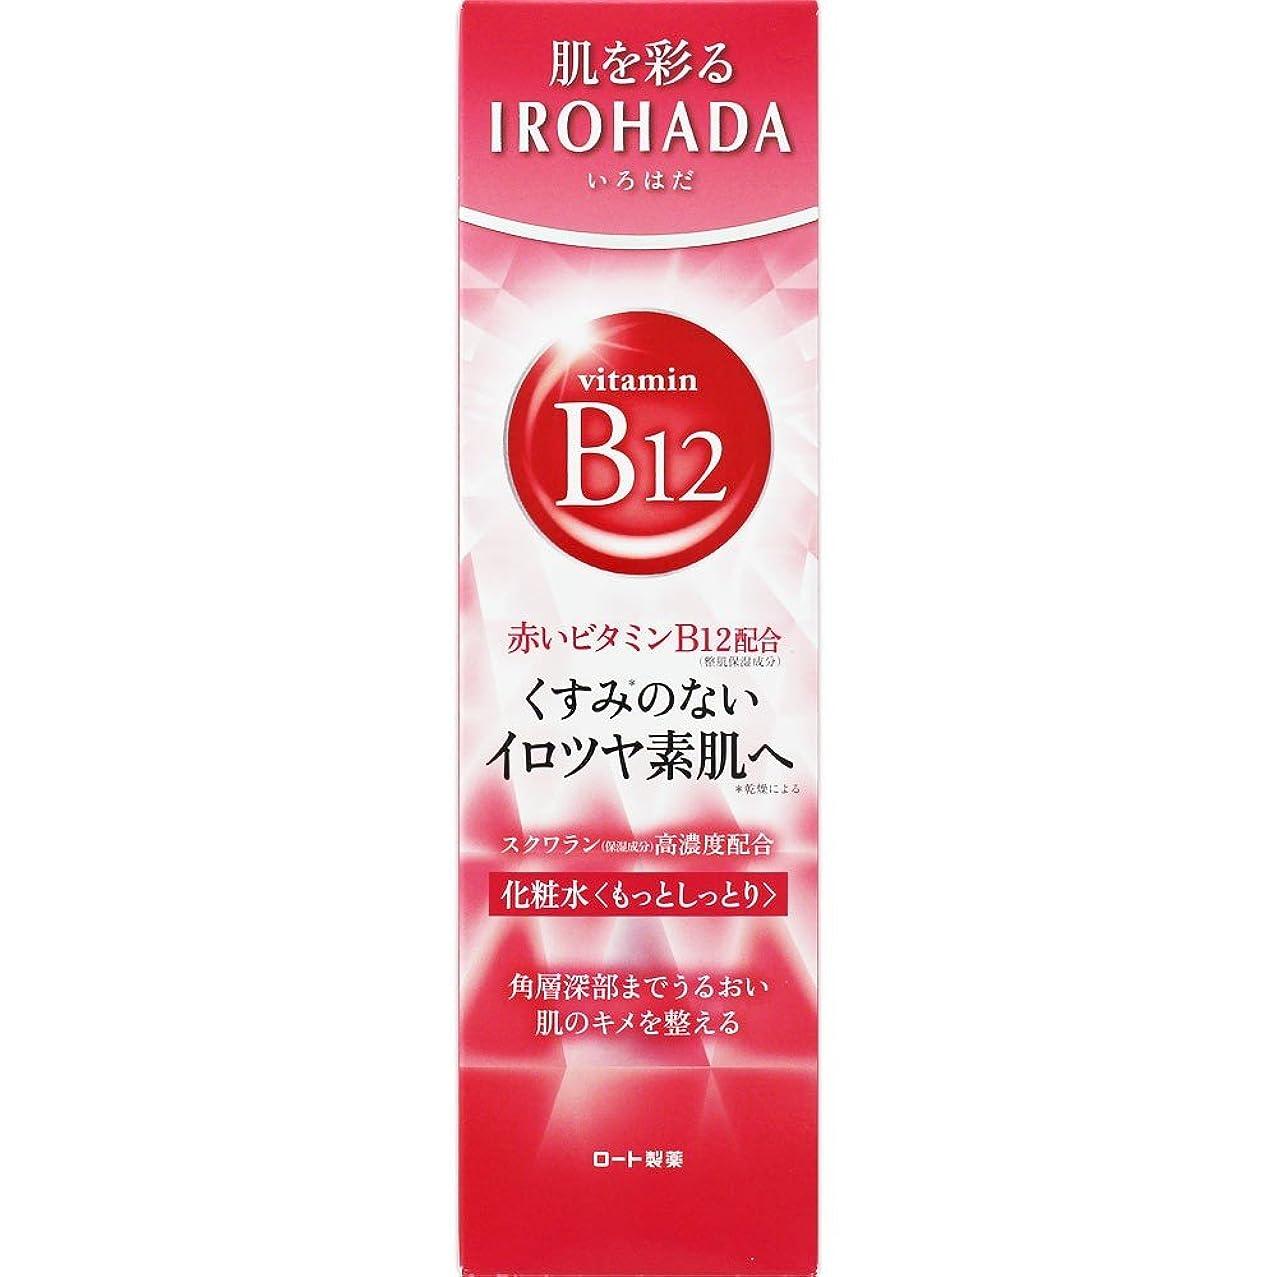 コンソール解読する歩道ロート製薬 いろはだ (IROHADA) 赤いビタミンB12×スクワラン配合 化粧水もっとしっとり 160ml